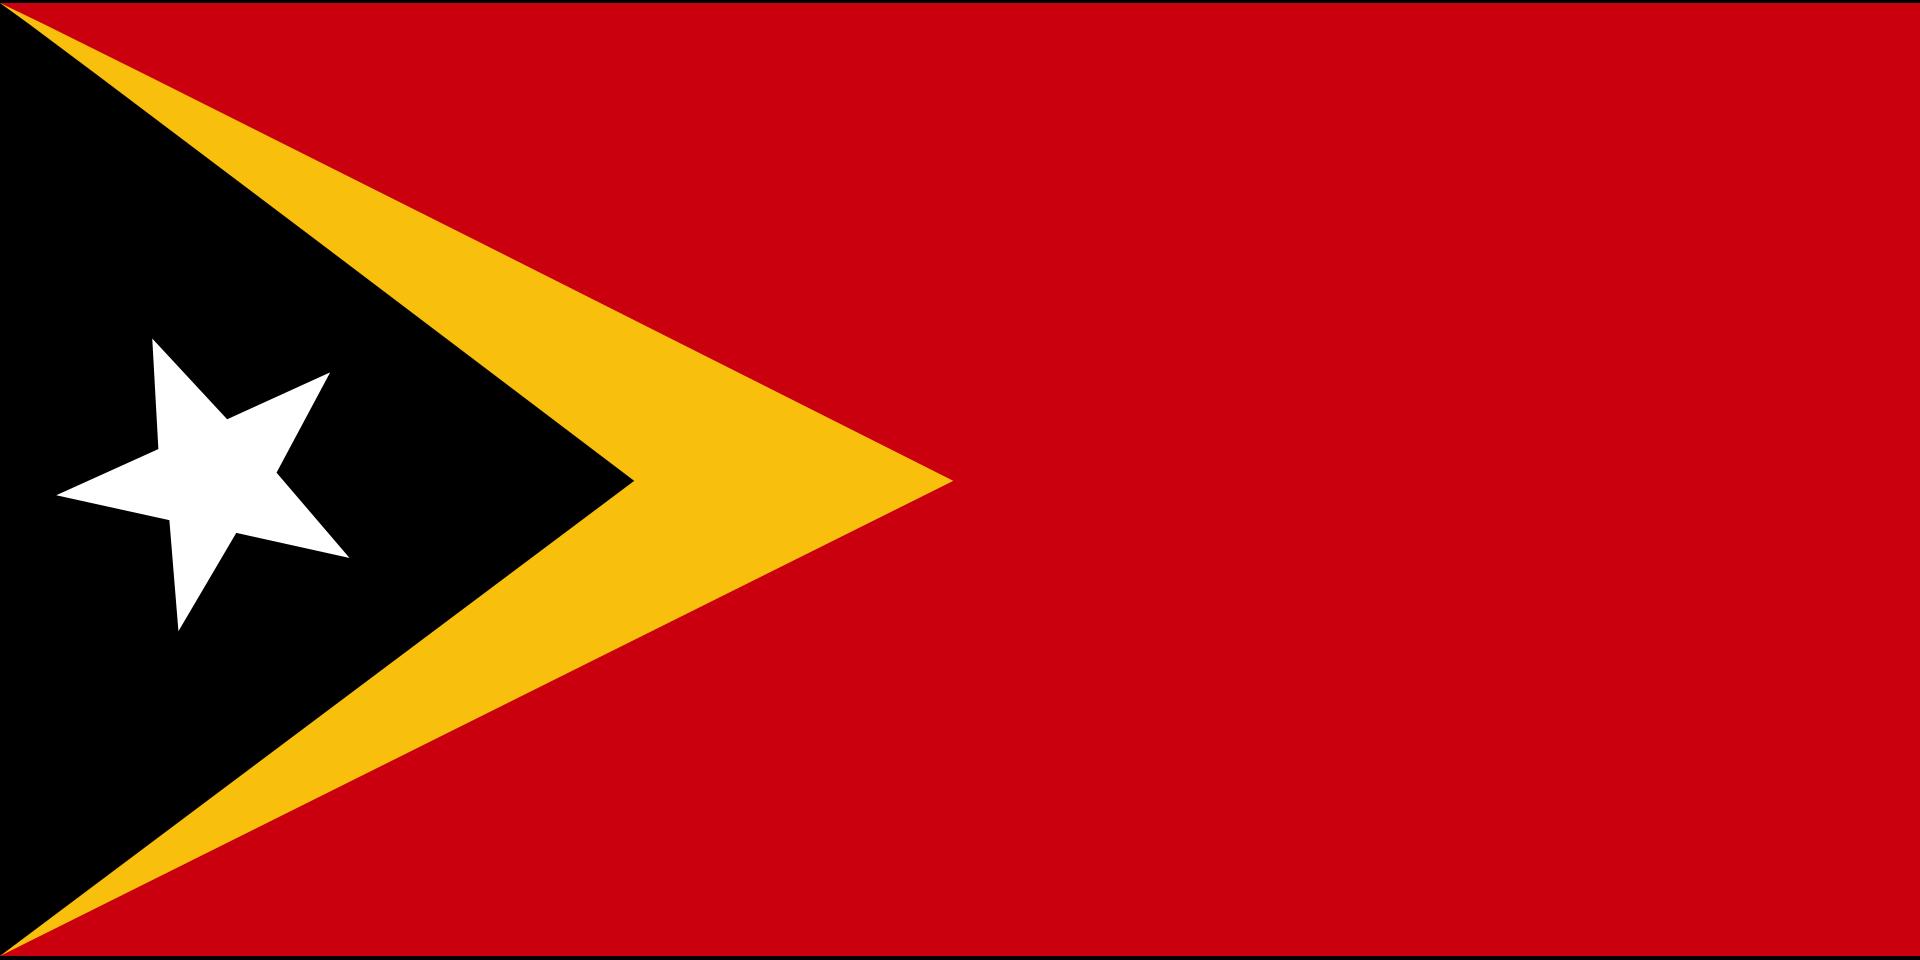 The National Flag Of East Timor Portuguese Bandeira De Timor